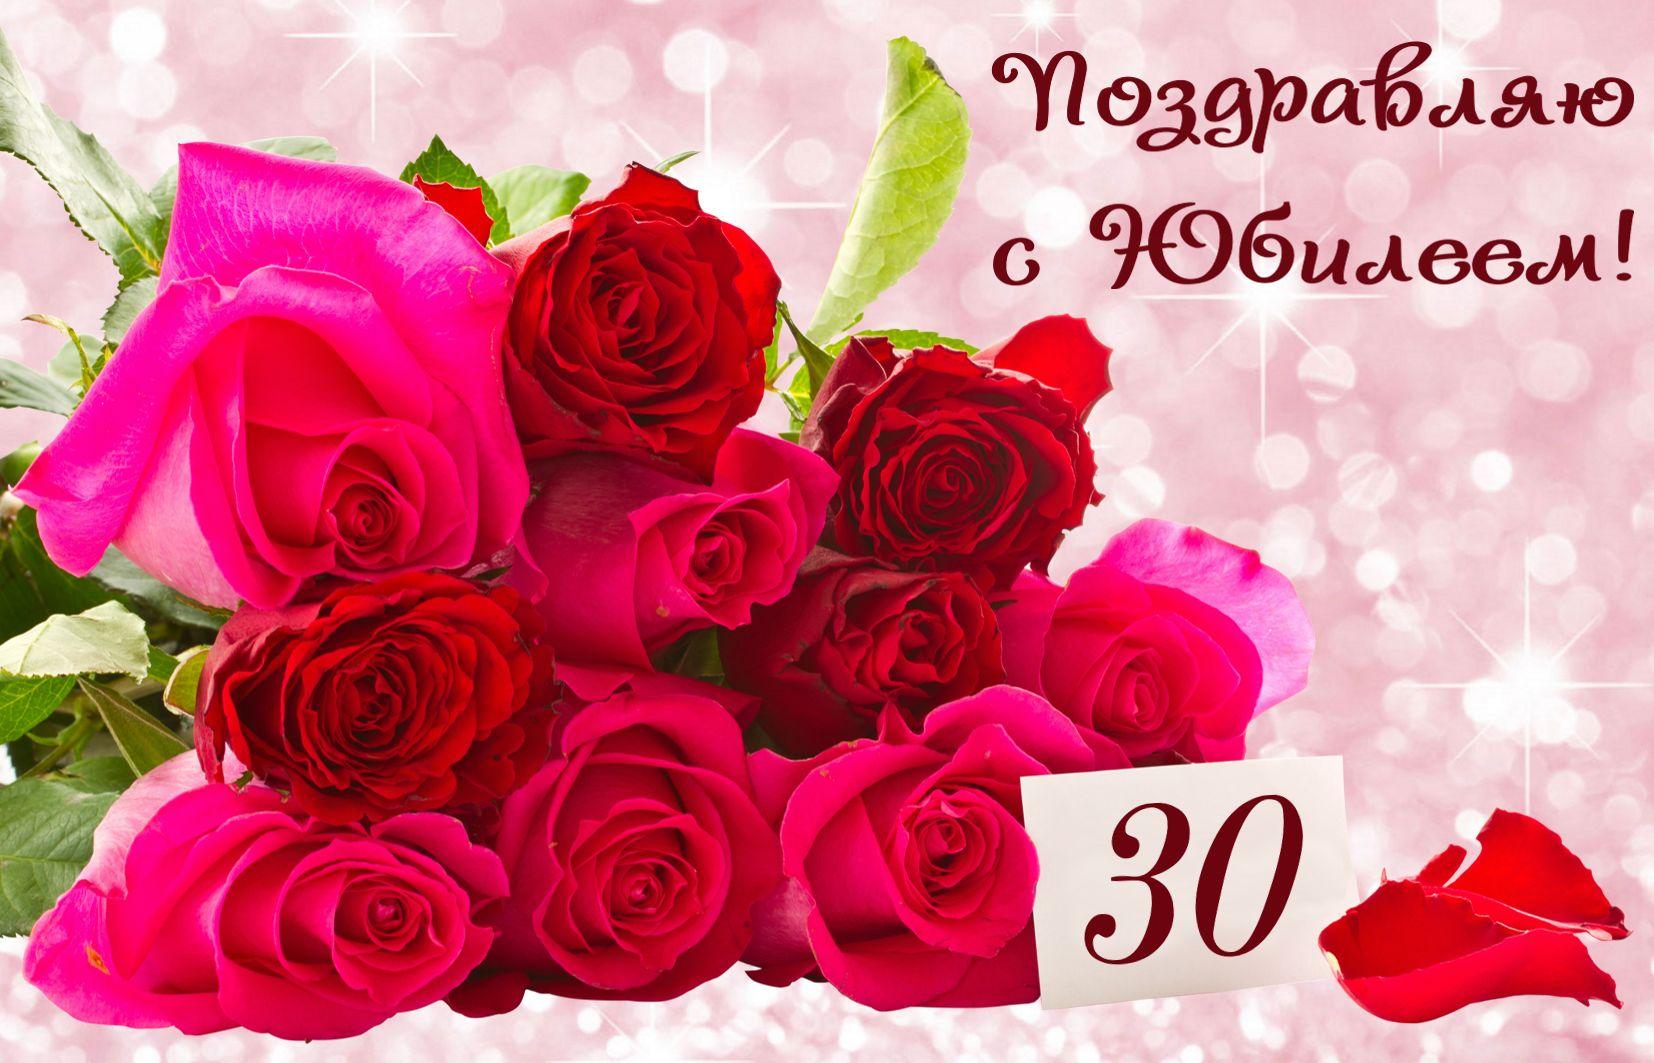 Открытка на юбилей 30 лет - букет роз на блестящем фоне